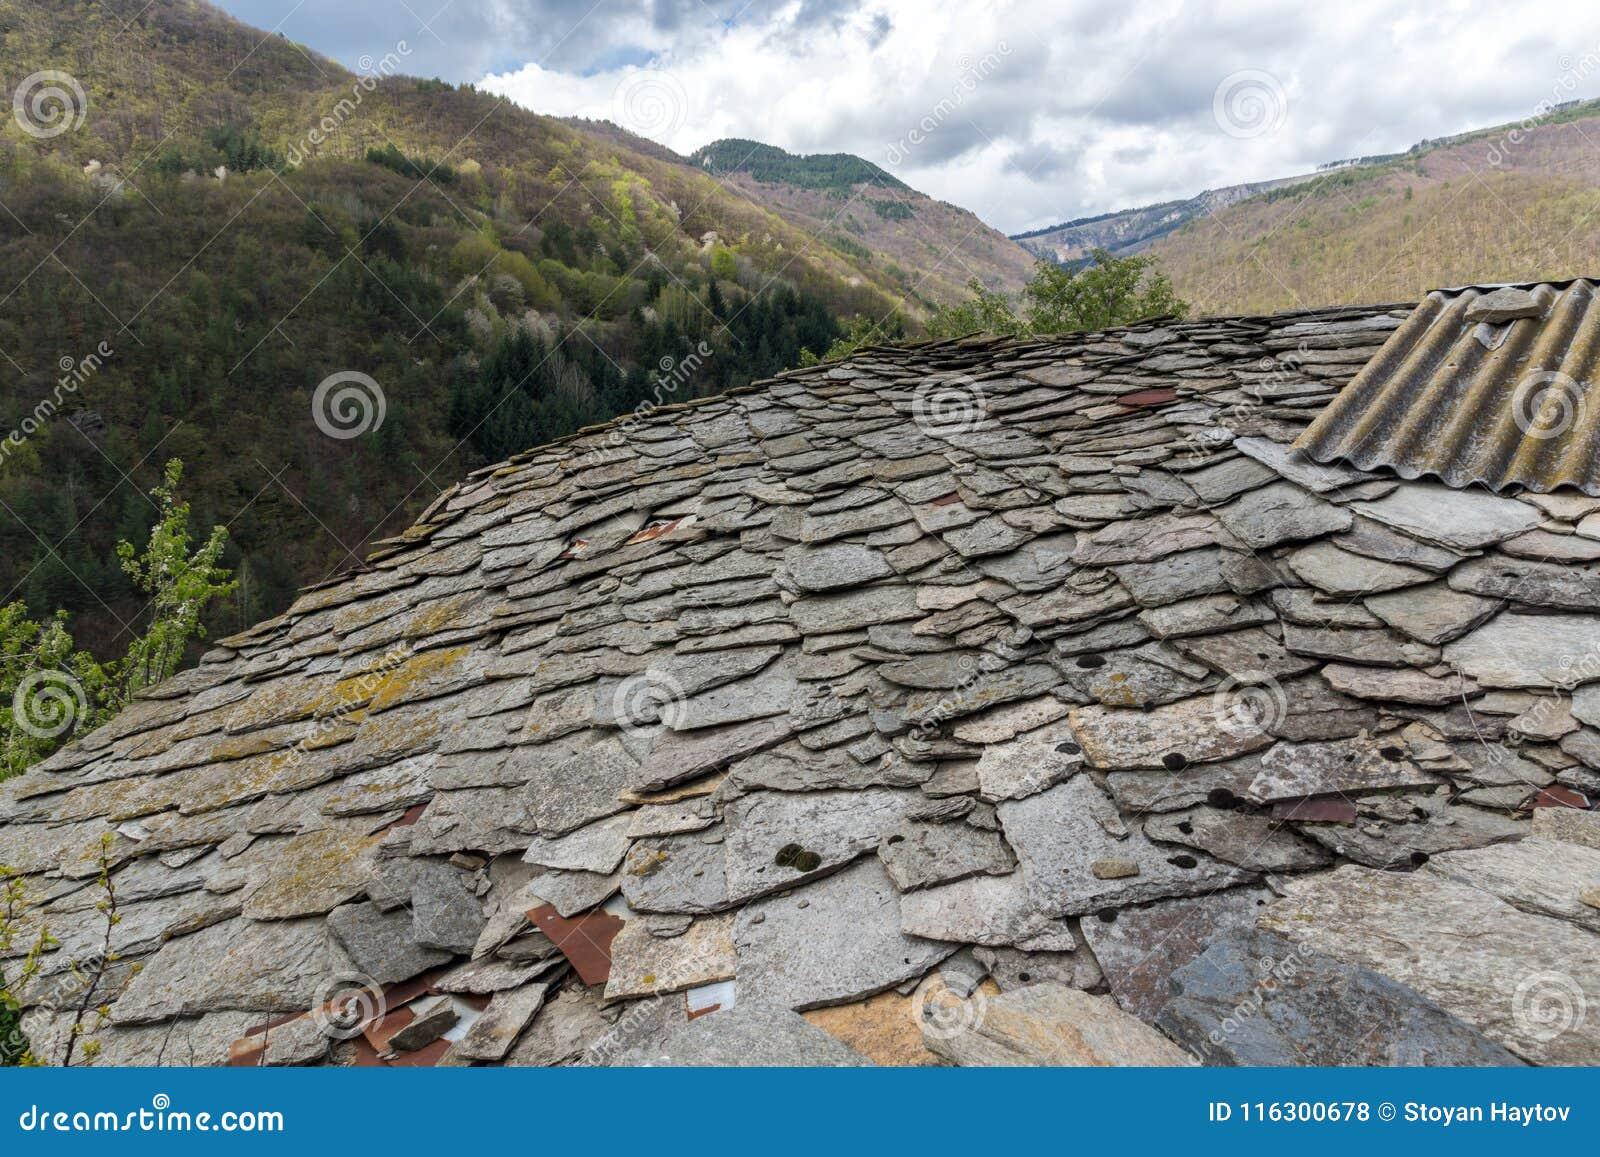 Vila de Kosovo com as casas do século XIX autênticas, Bulgária